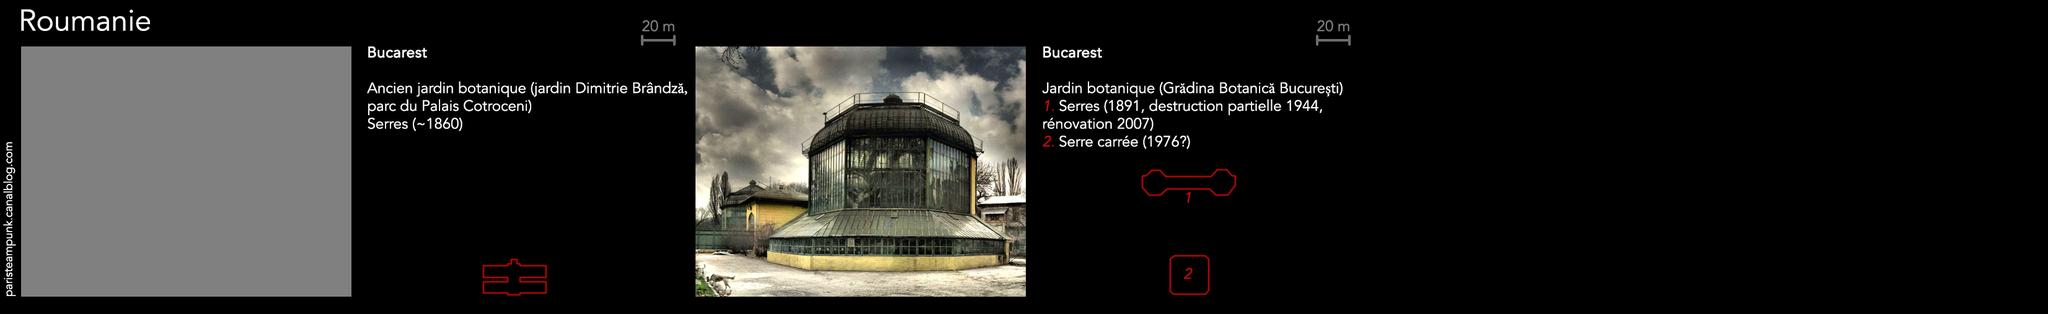 SC_Roumanie